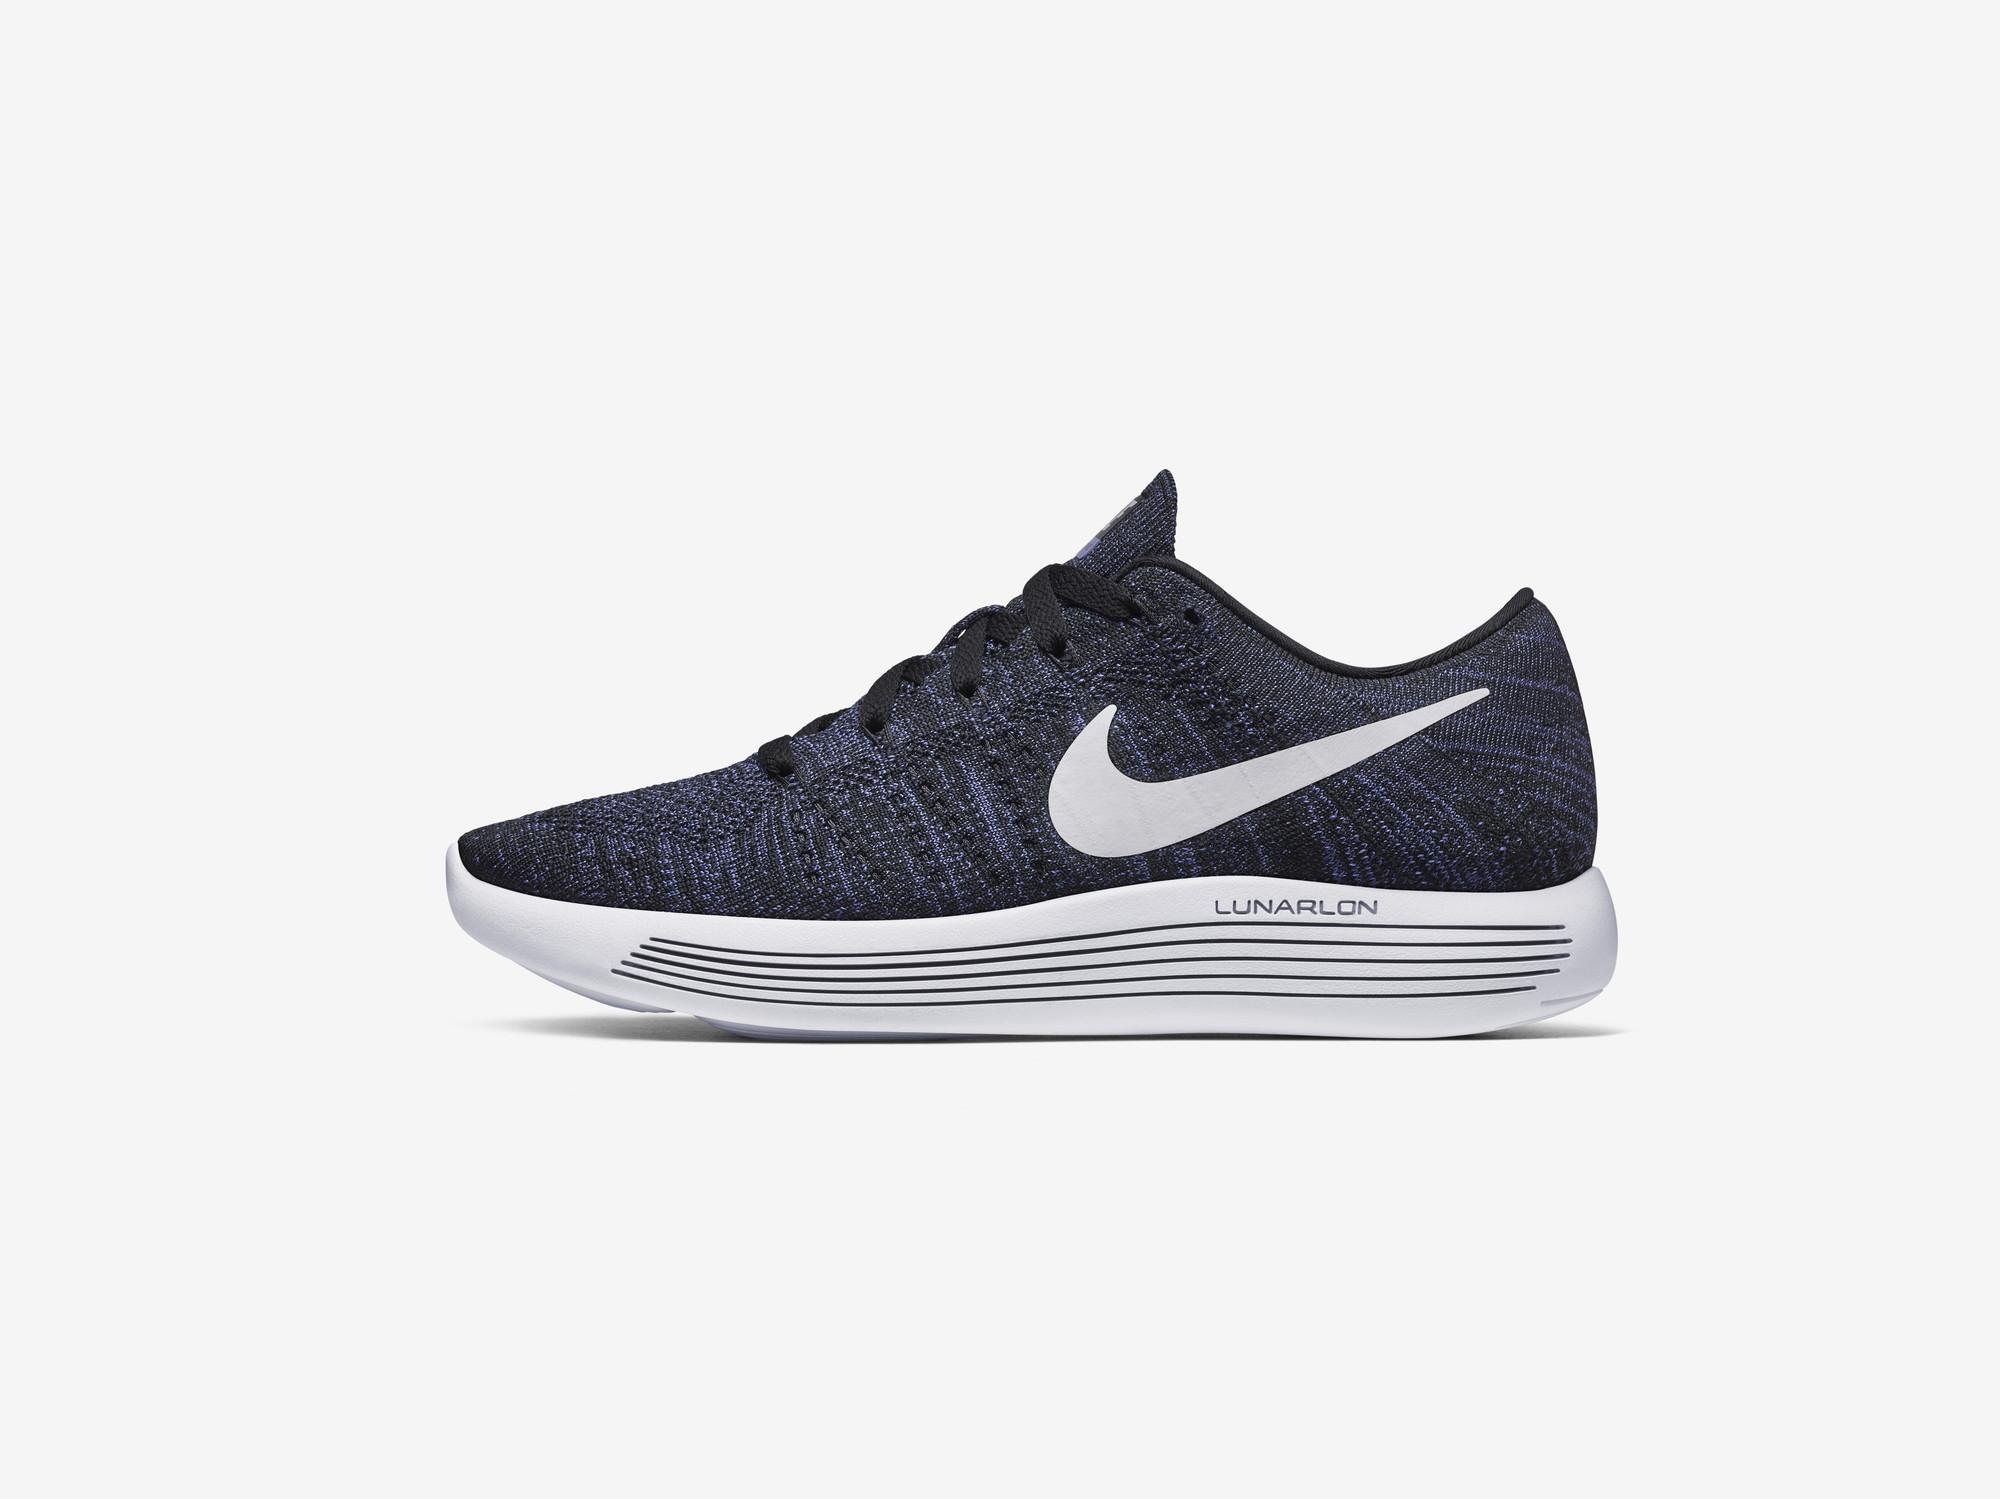 Nike_LunarEpic_Flyknit_A